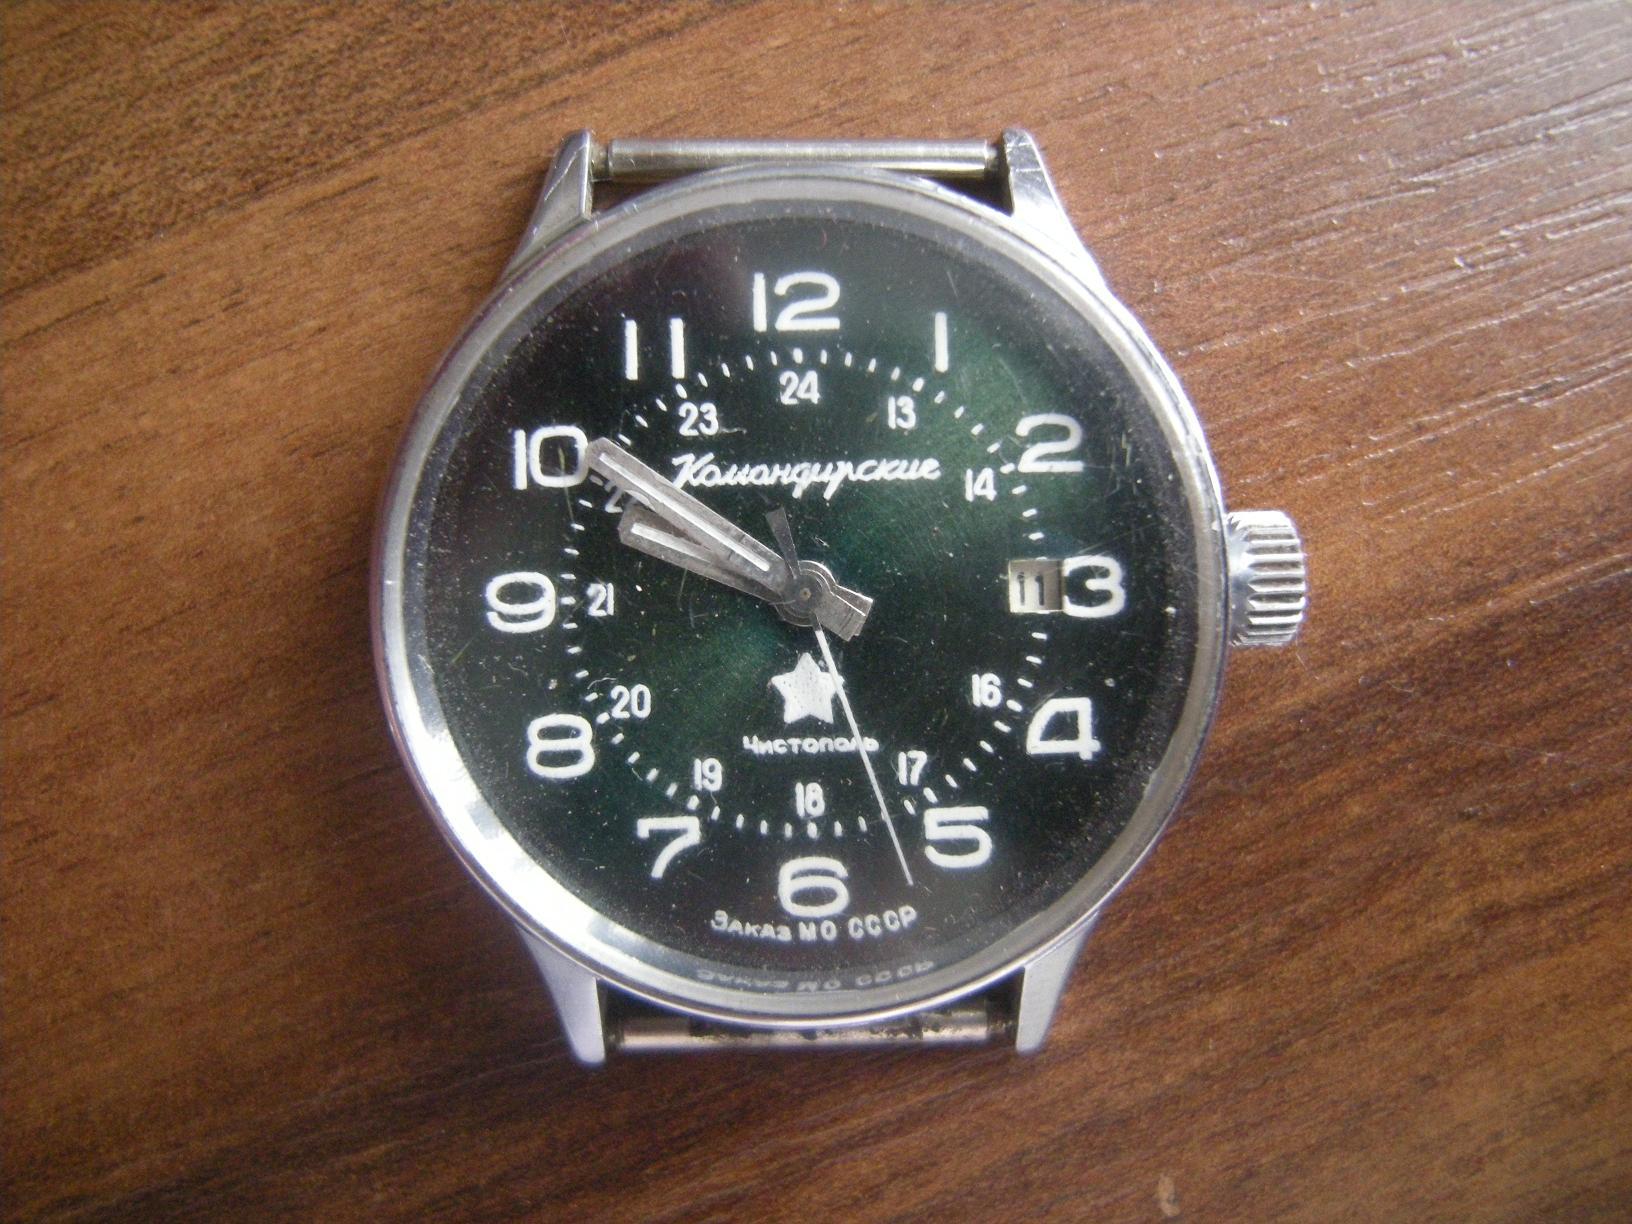 b50d5472 командирские часы ссср | Яхтинг - Яхты и Катера